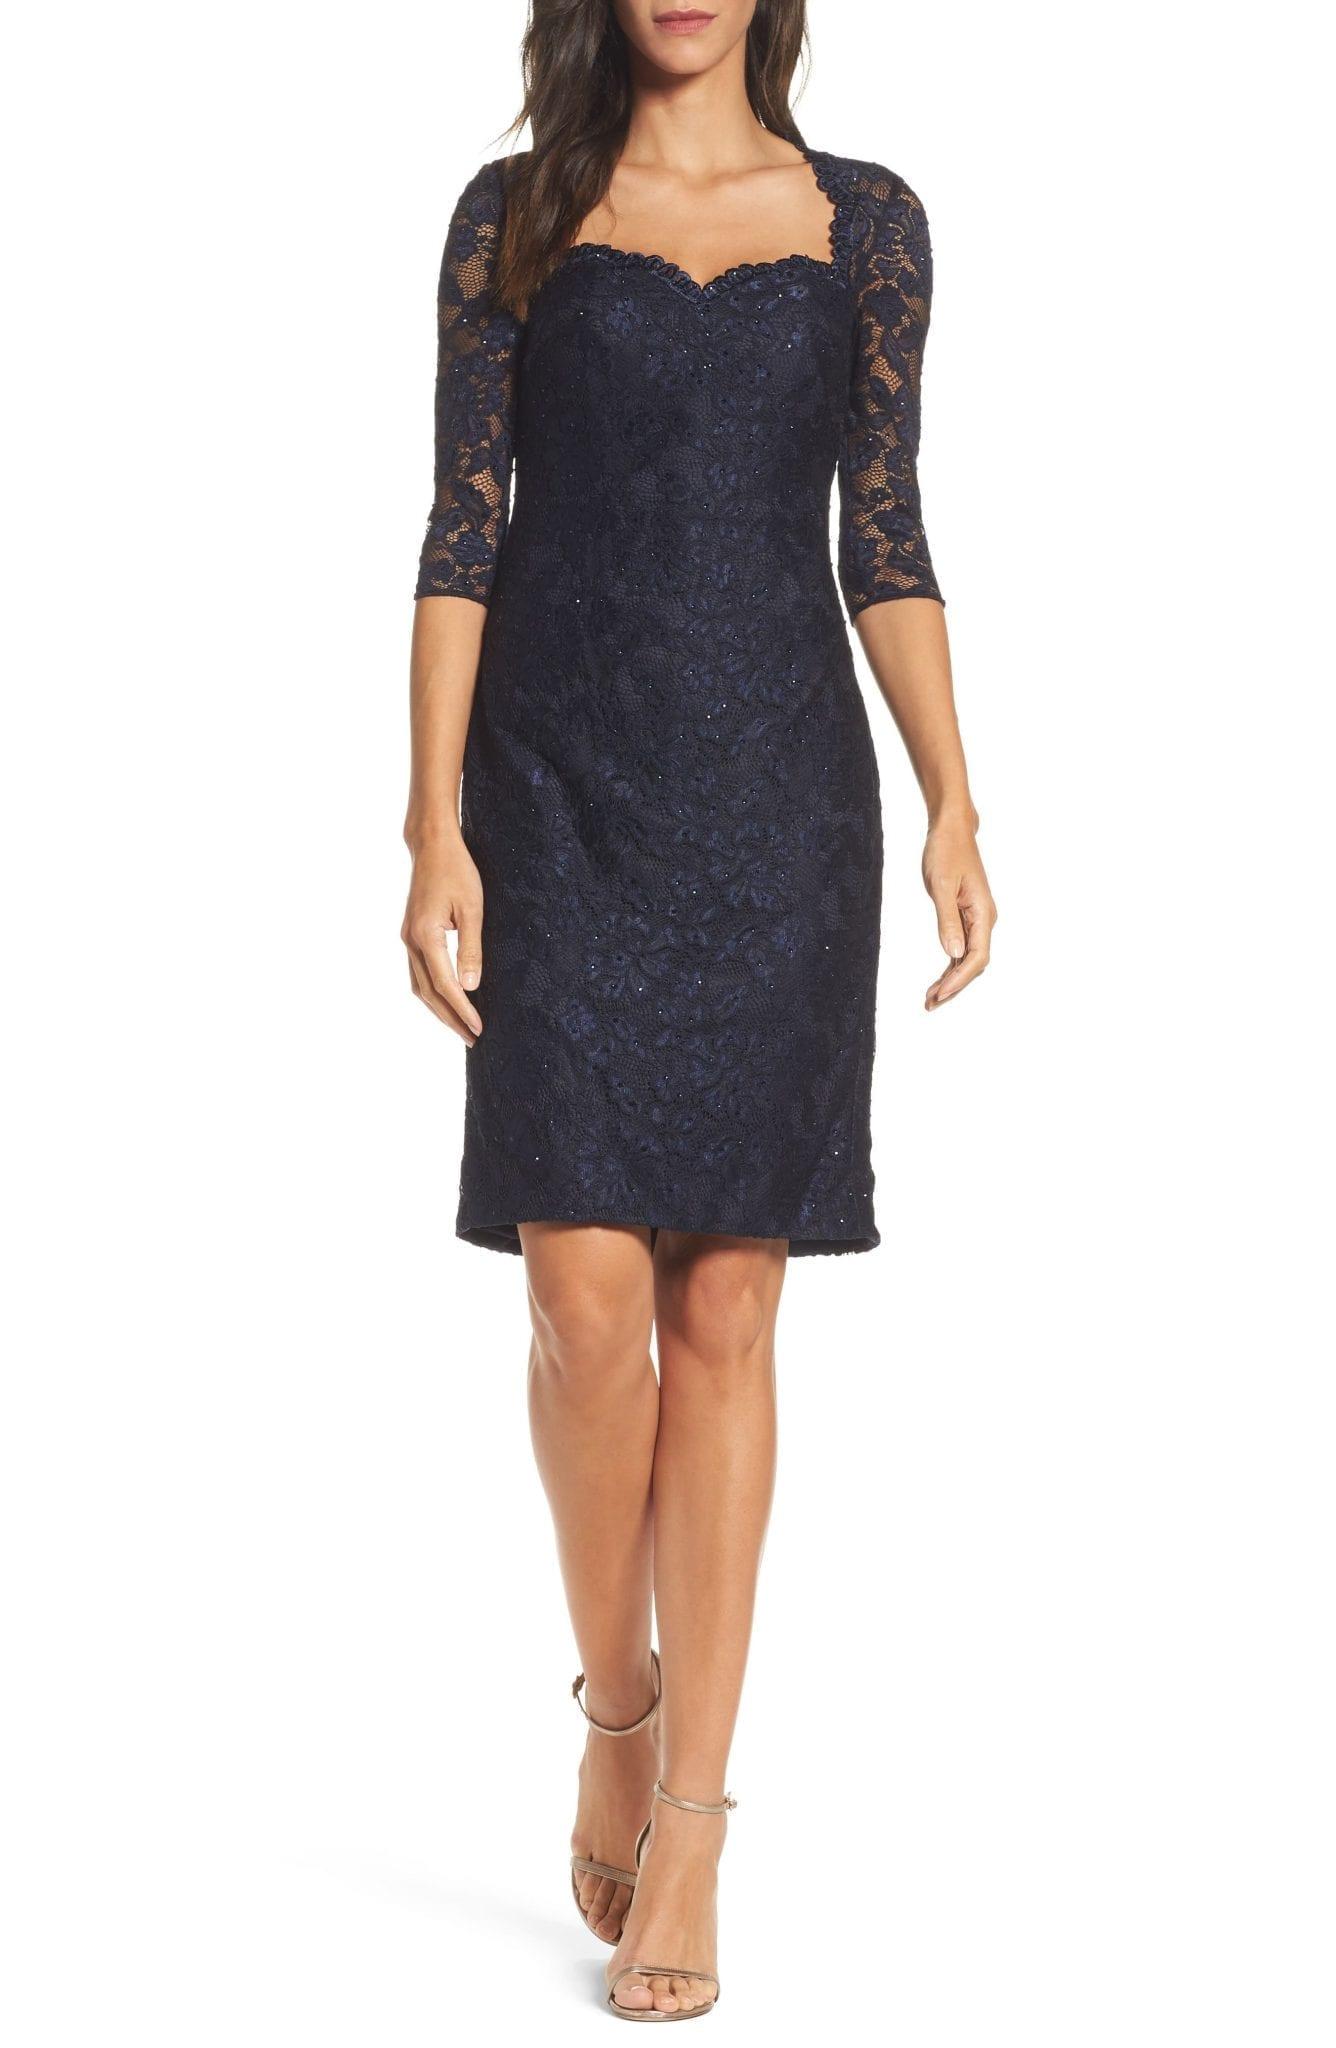 LA FEMME Sweetheart Lace Sheath Dress